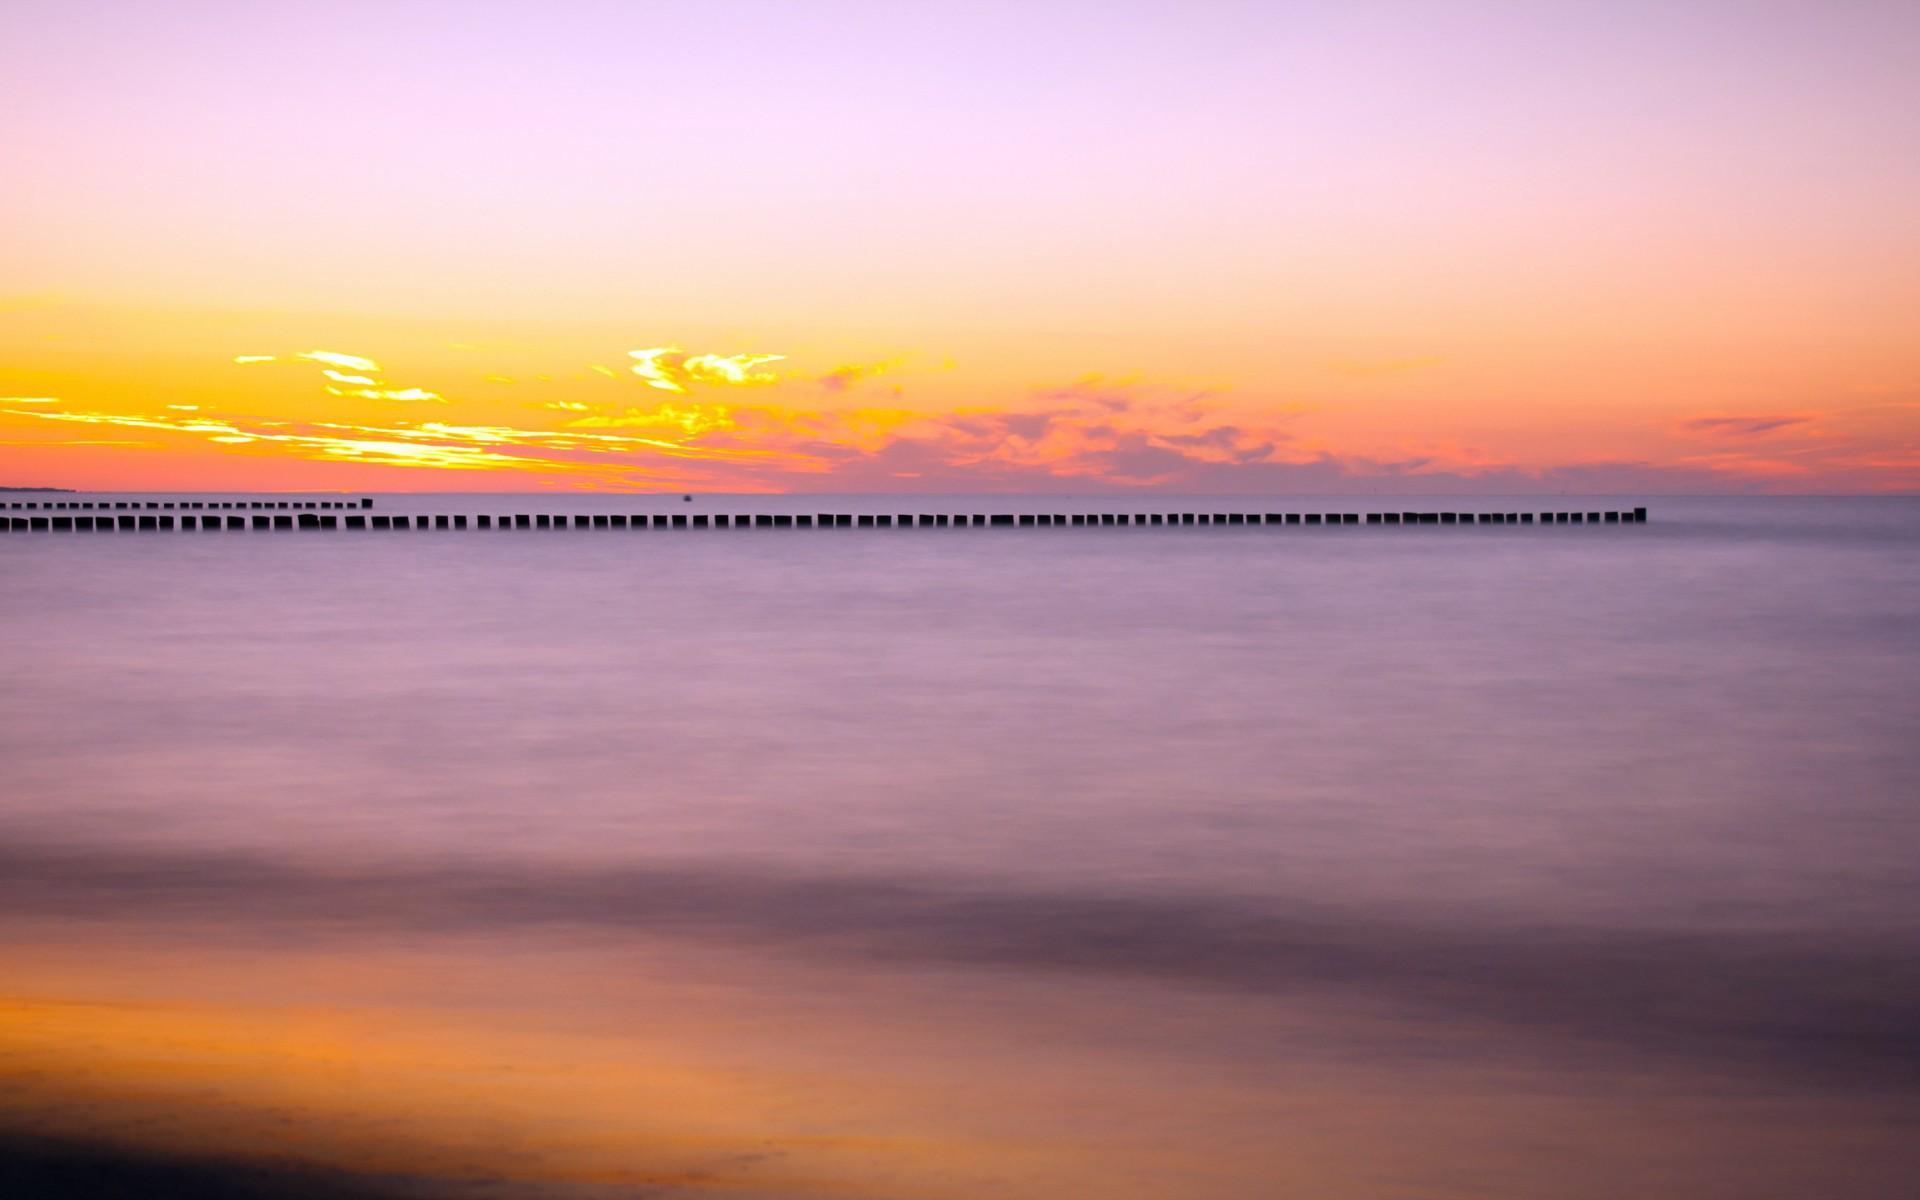 Puesta de sol en el mar - 1920x1200